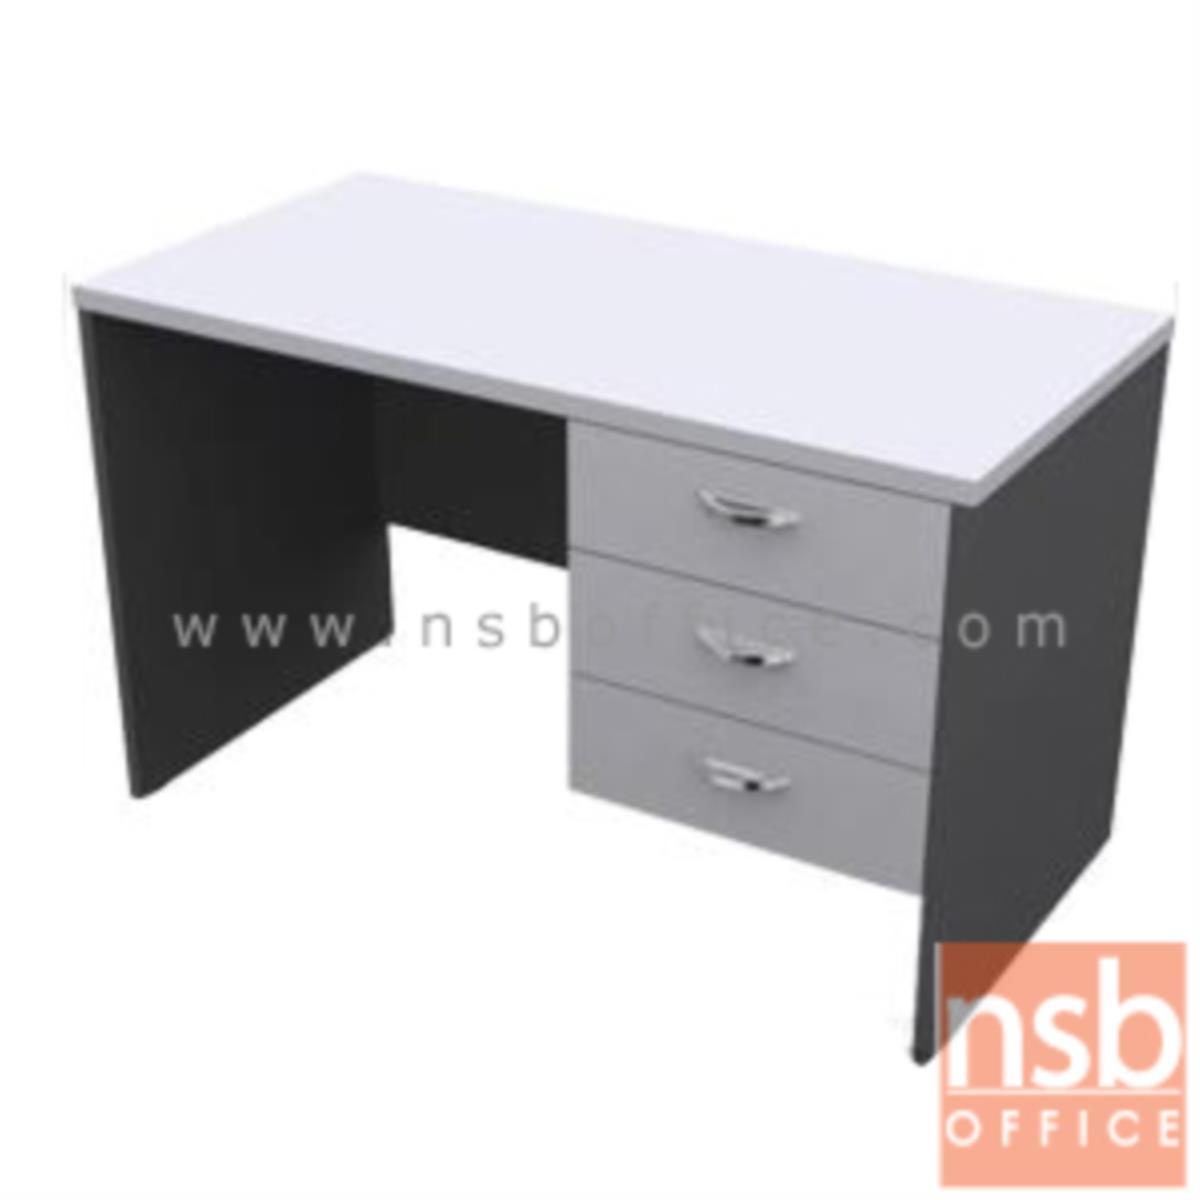 โต๊ะทำงาน 3 ลิ้นชัก   รุ่น Chopard (โชพาร์ด) ขนาด 120W ,135W ,150W ,160W*(60D, 75D, 80D) cm.  เมลามีน